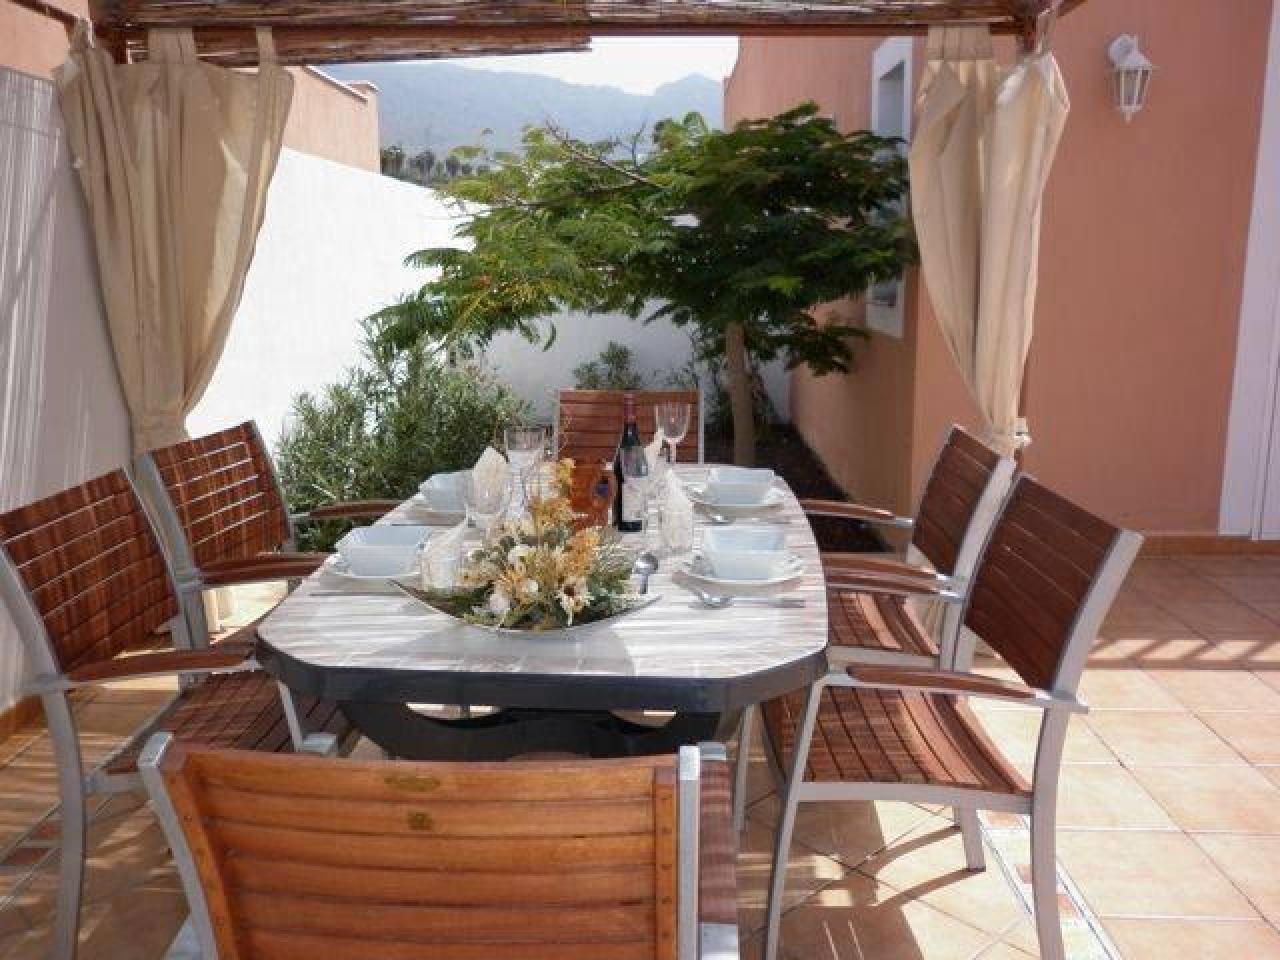 The villa is located in a private urbanization of La Caleta in Costa Adeje - 3